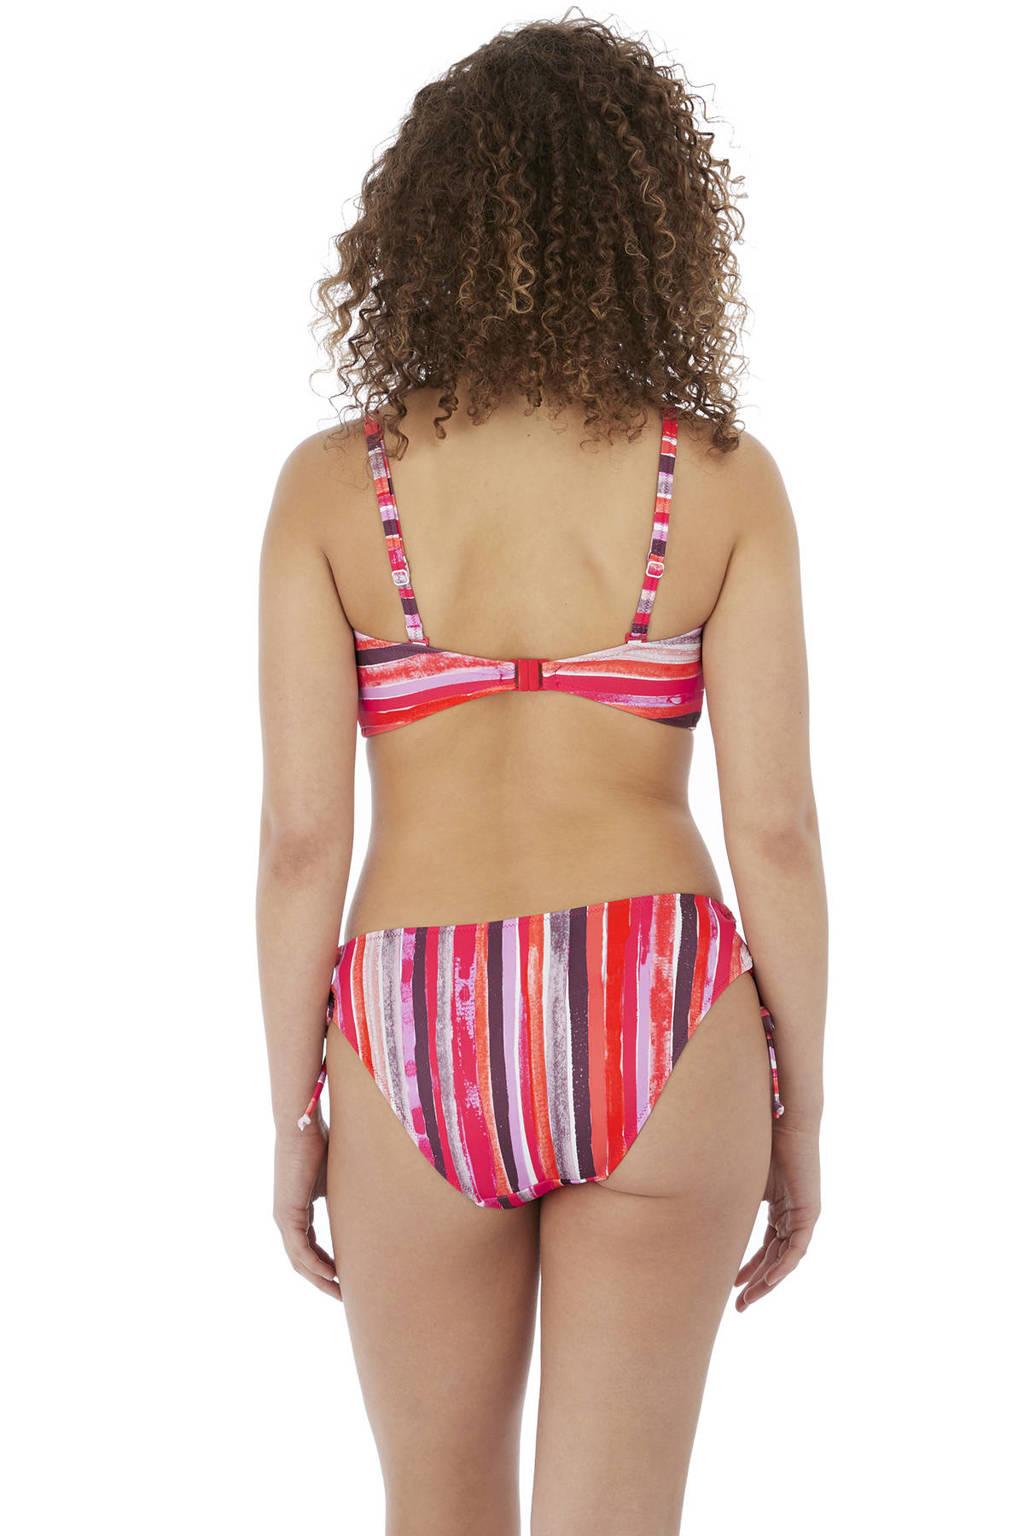 Freya gestreept strik bikinibroekje Bali Bay oranje/roze/bruin